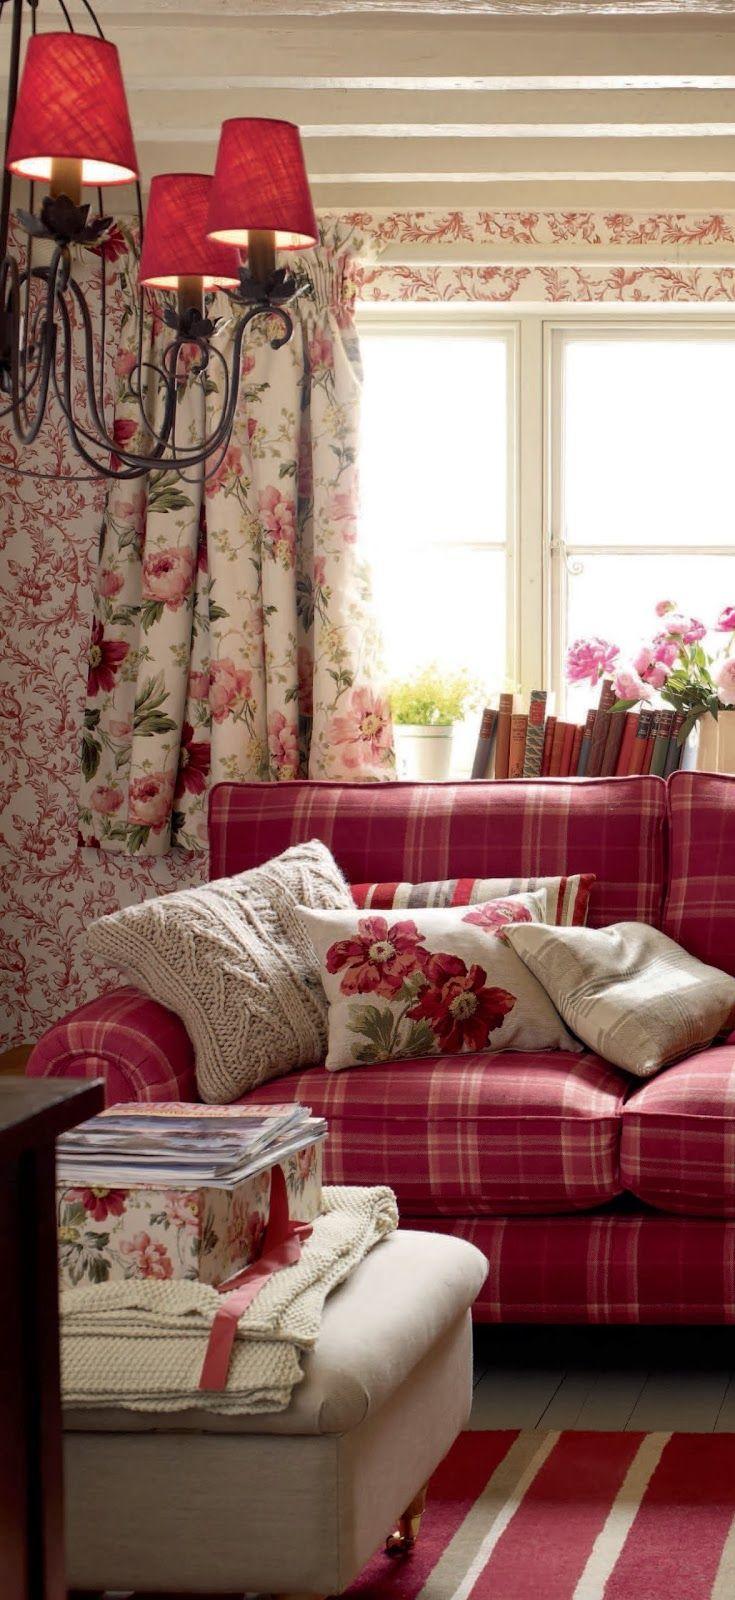 Oltre 25 fantastiche idee su casa inglese su pinterest for Idee di aggiunta cottage